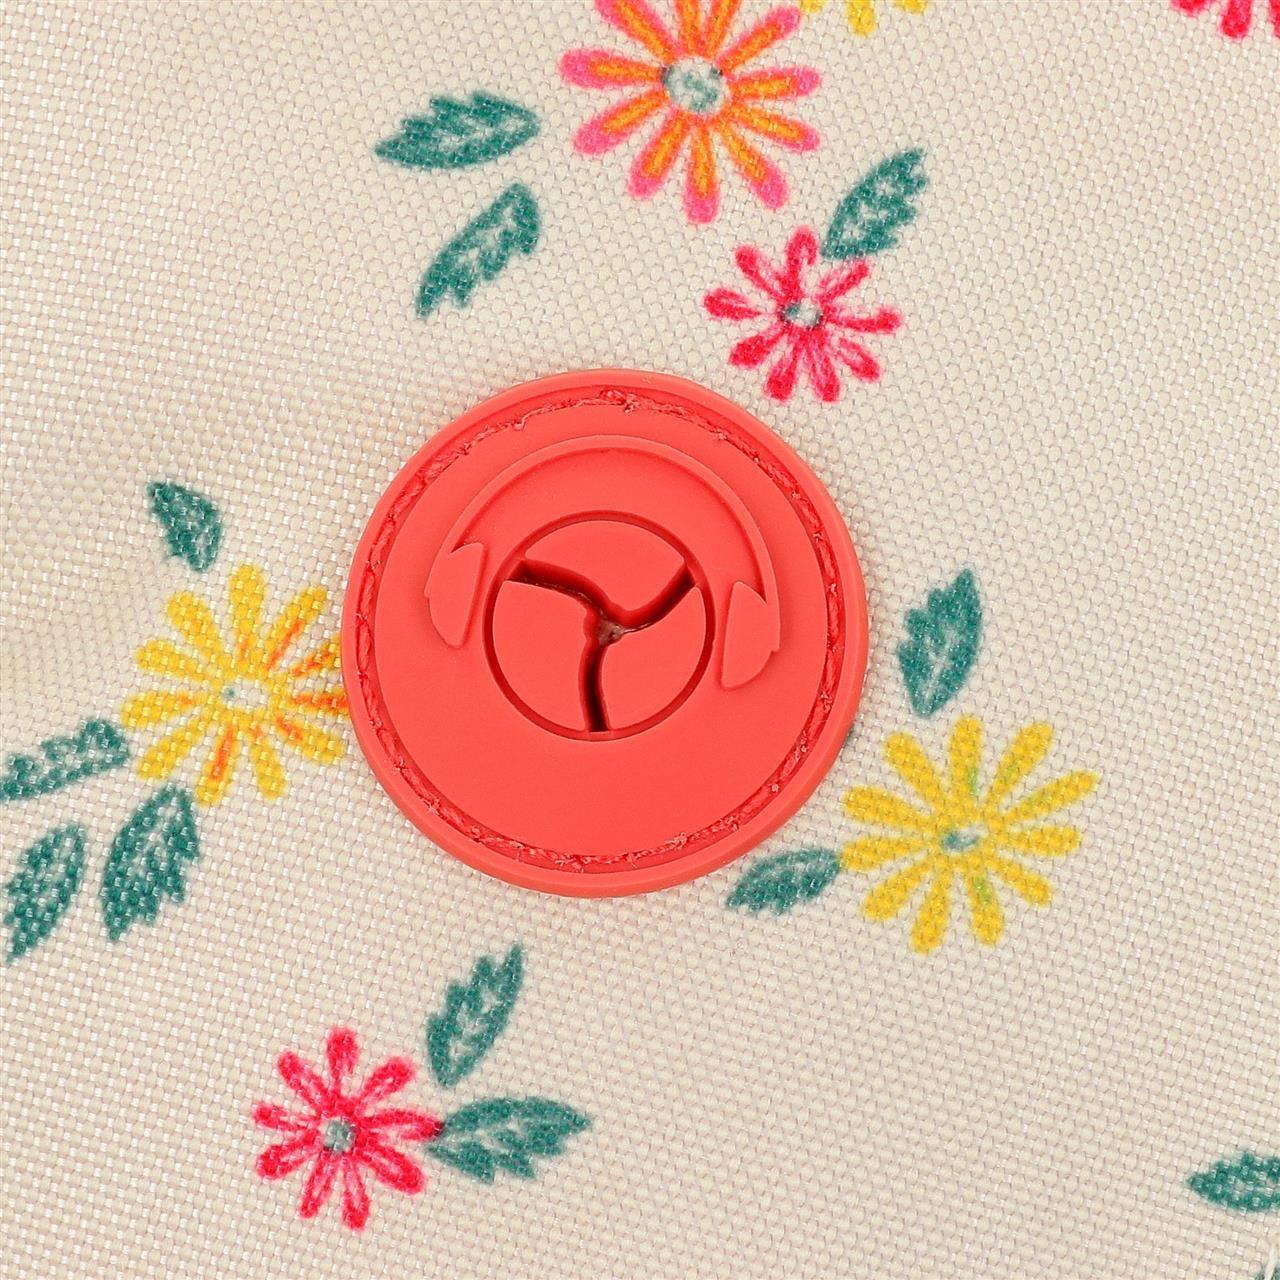 Mochila 44 cm doble cremallera Pepe Jeans Joseline